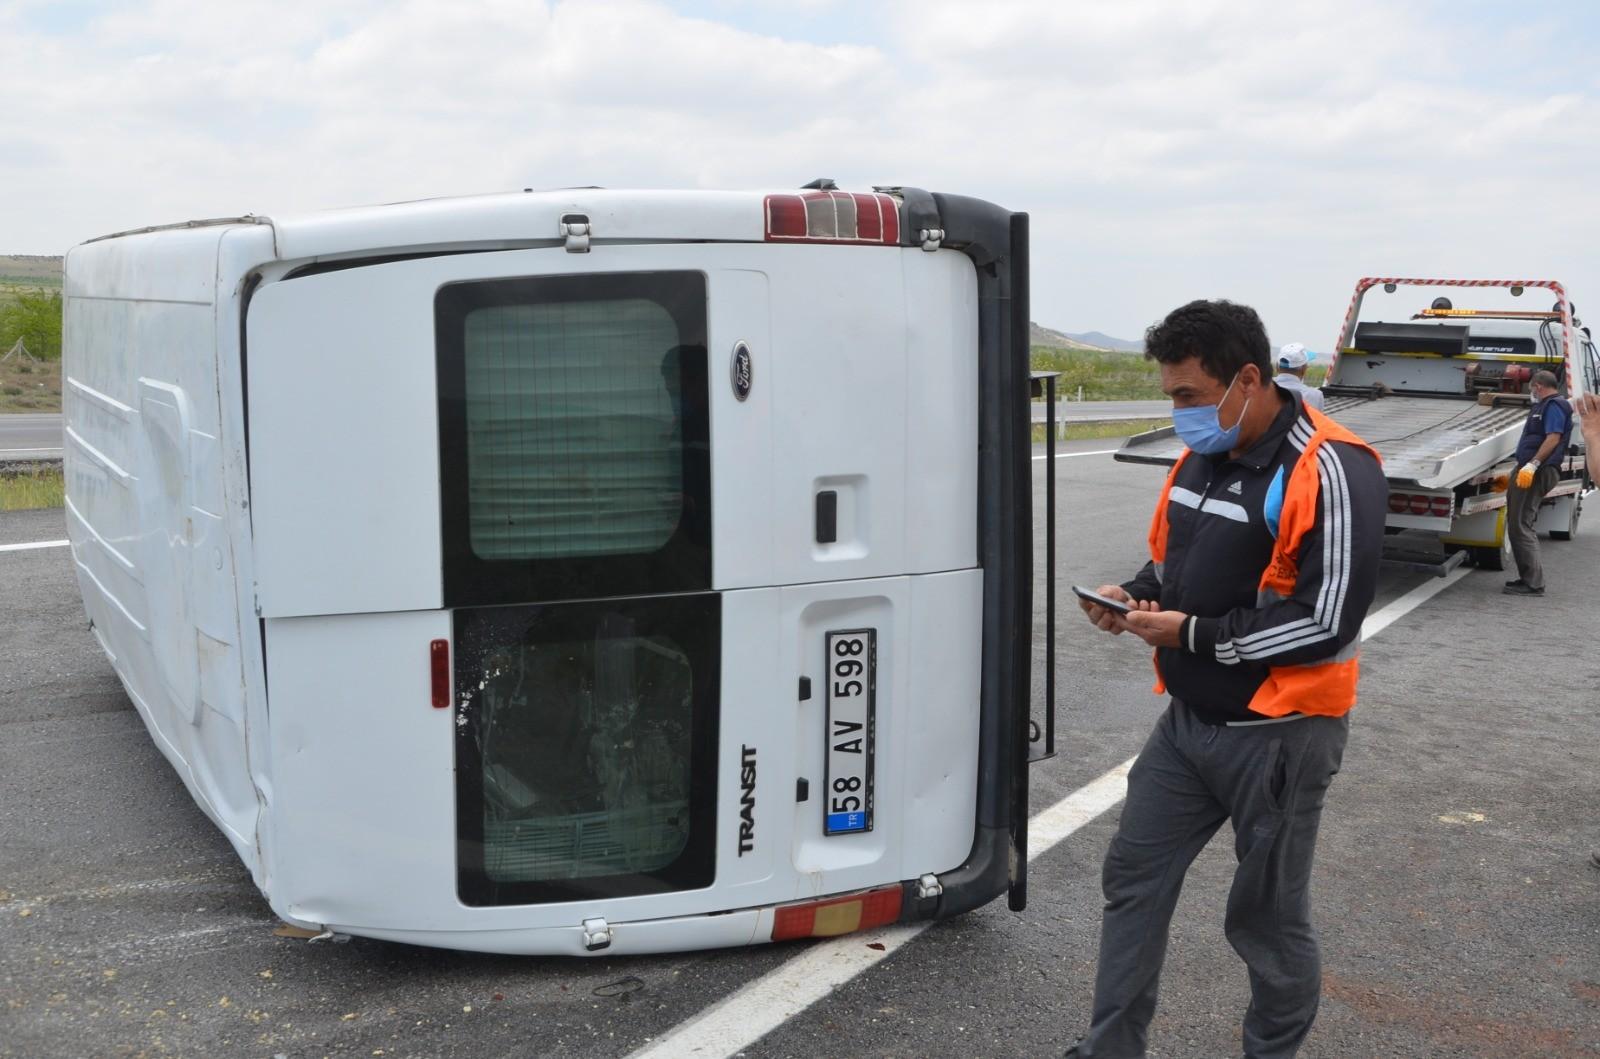 konyada-iscileri-tasiyan-minibus-devrildi-4-yarali.jpg